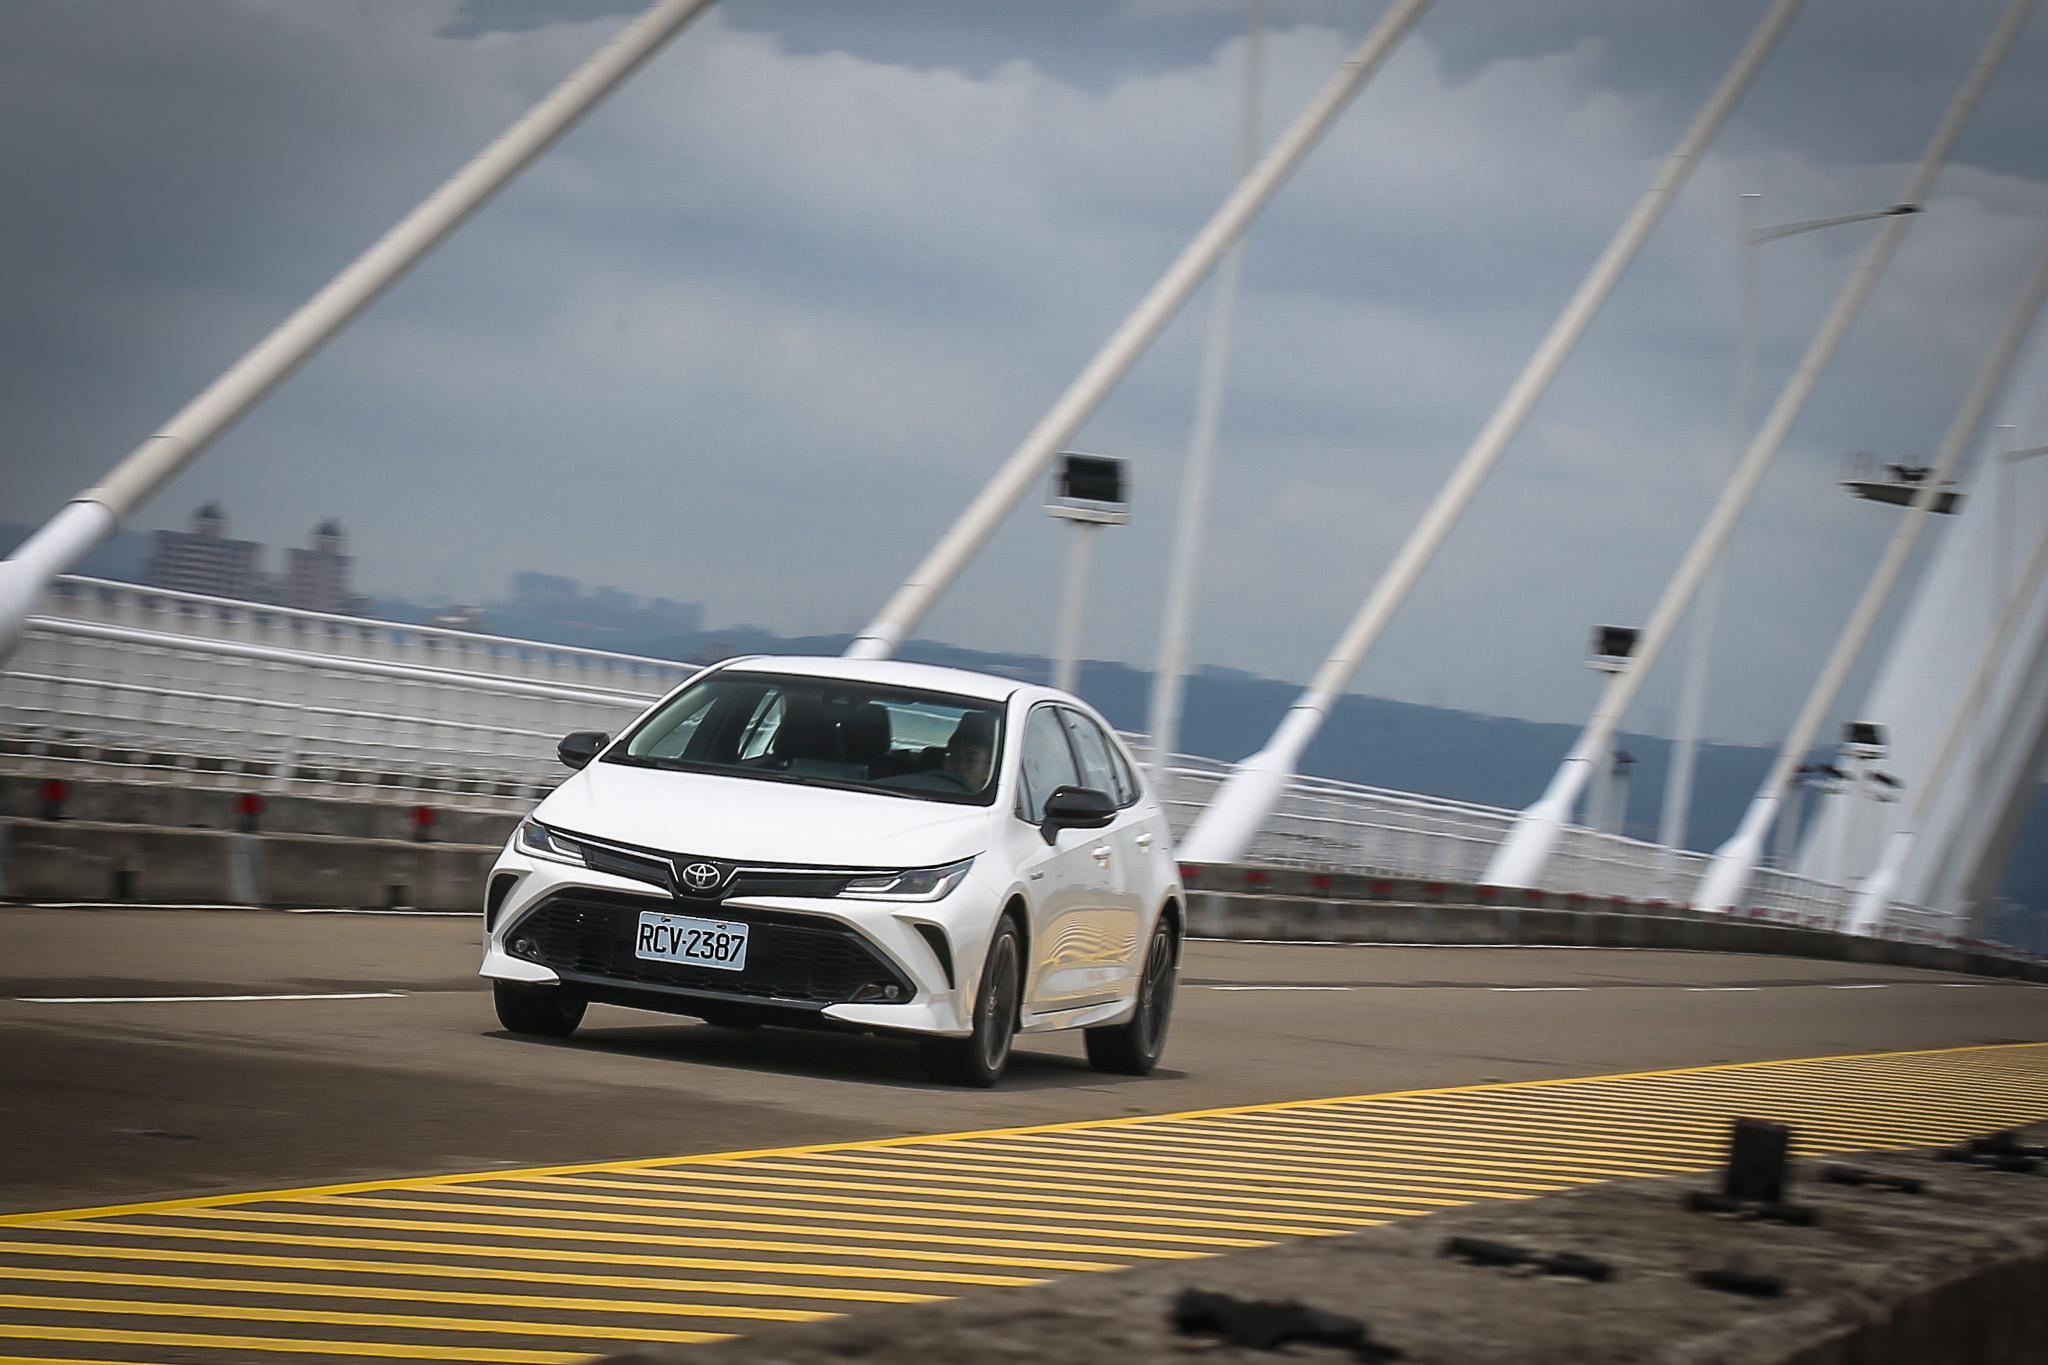 若要從駕駛參與度方面討論,Corolla Altis GR Sport Hybrid 確實還是沒有對手 Ford Focus ST-Line 或 Hyundai Elantra Sport表現來得好。